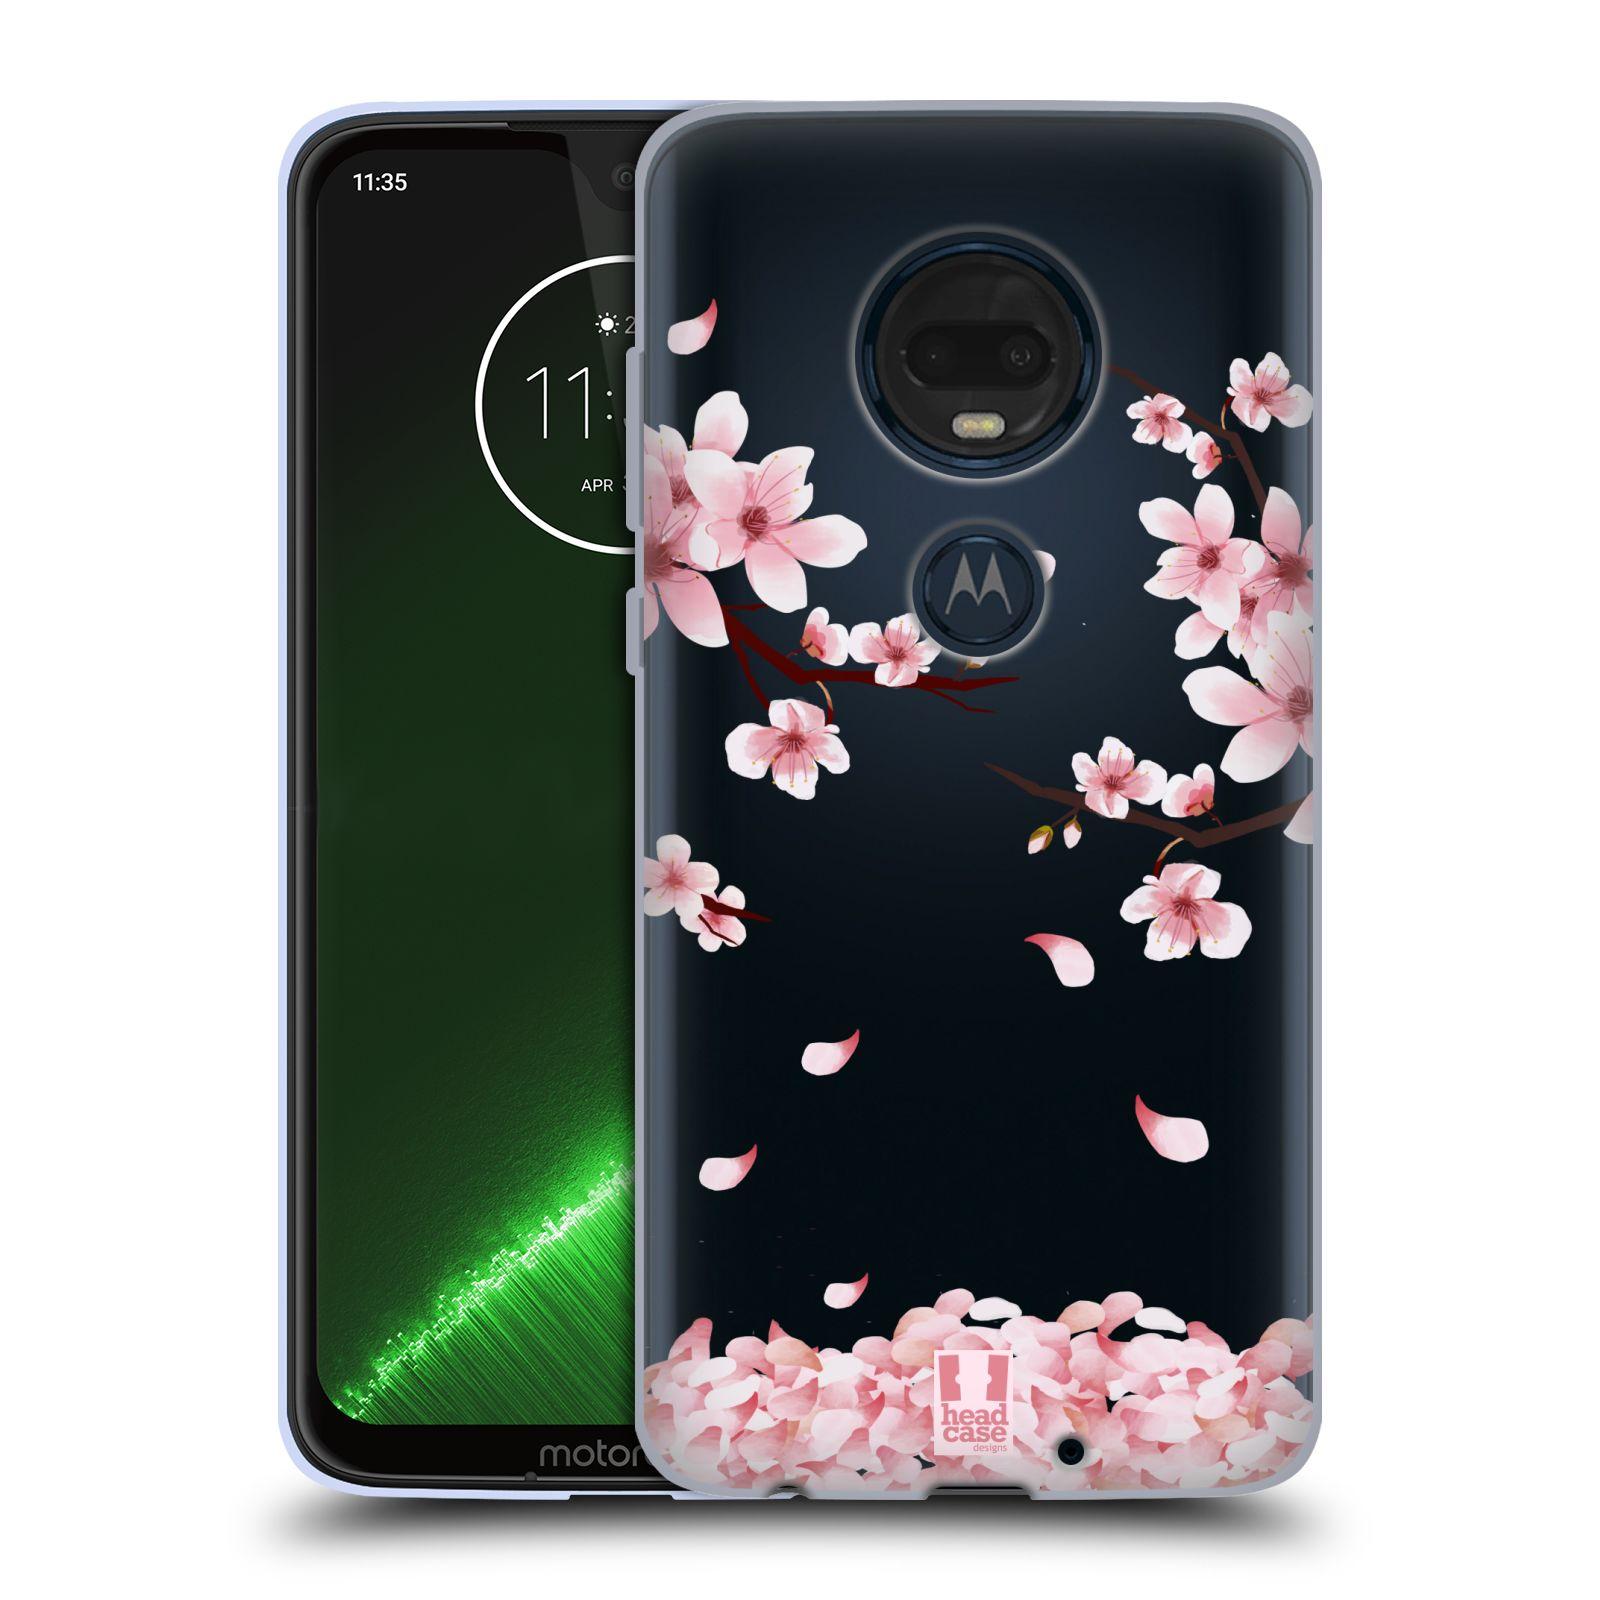 Silikonové pouzdro na mobil Motorola Moto G7 Plus - Head Case - Květy a větvičky